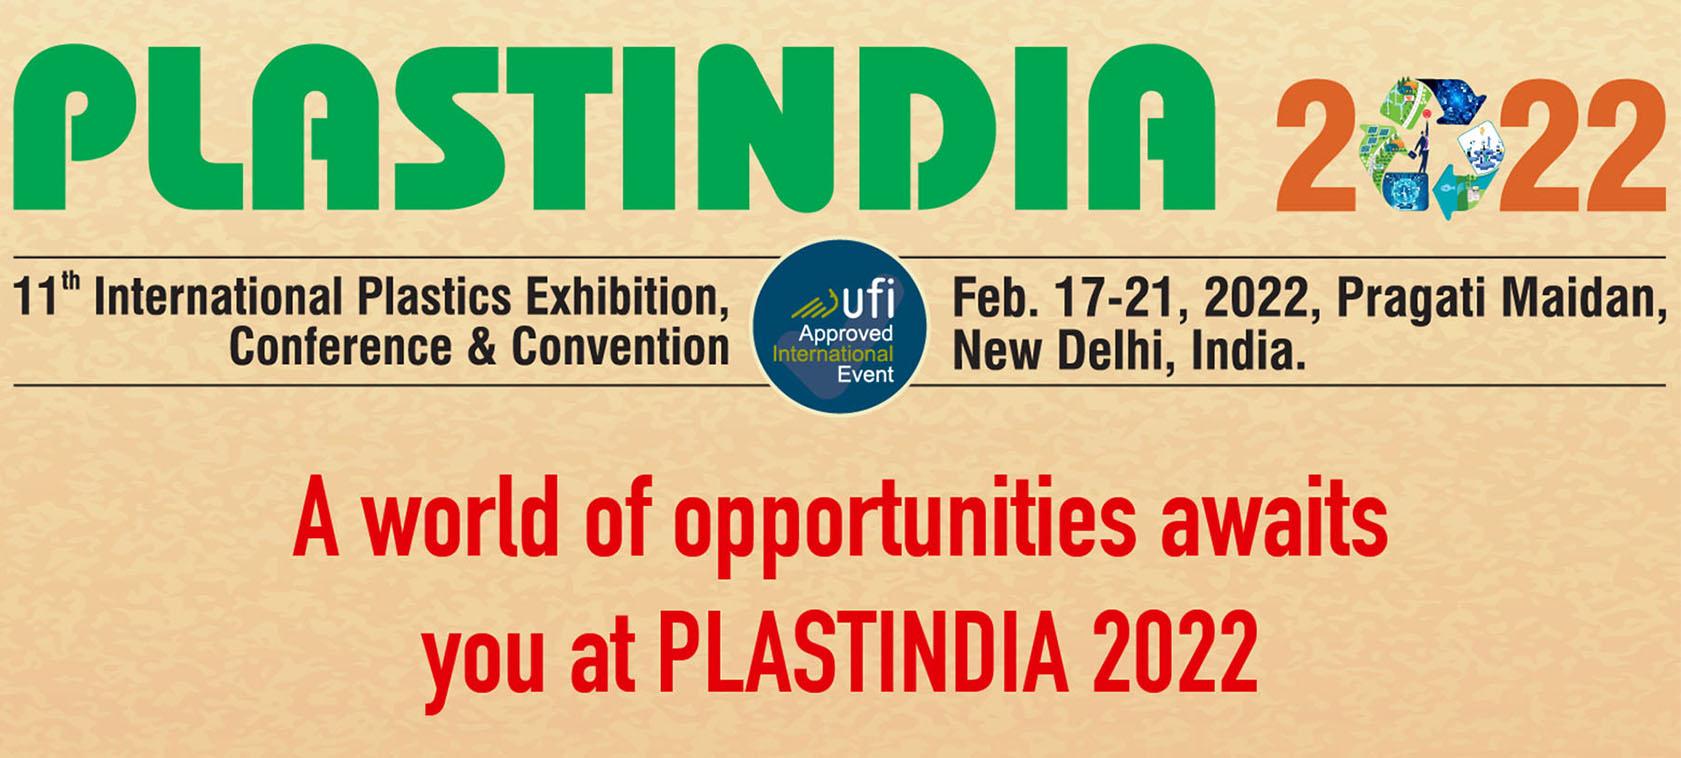 Plast India 2022